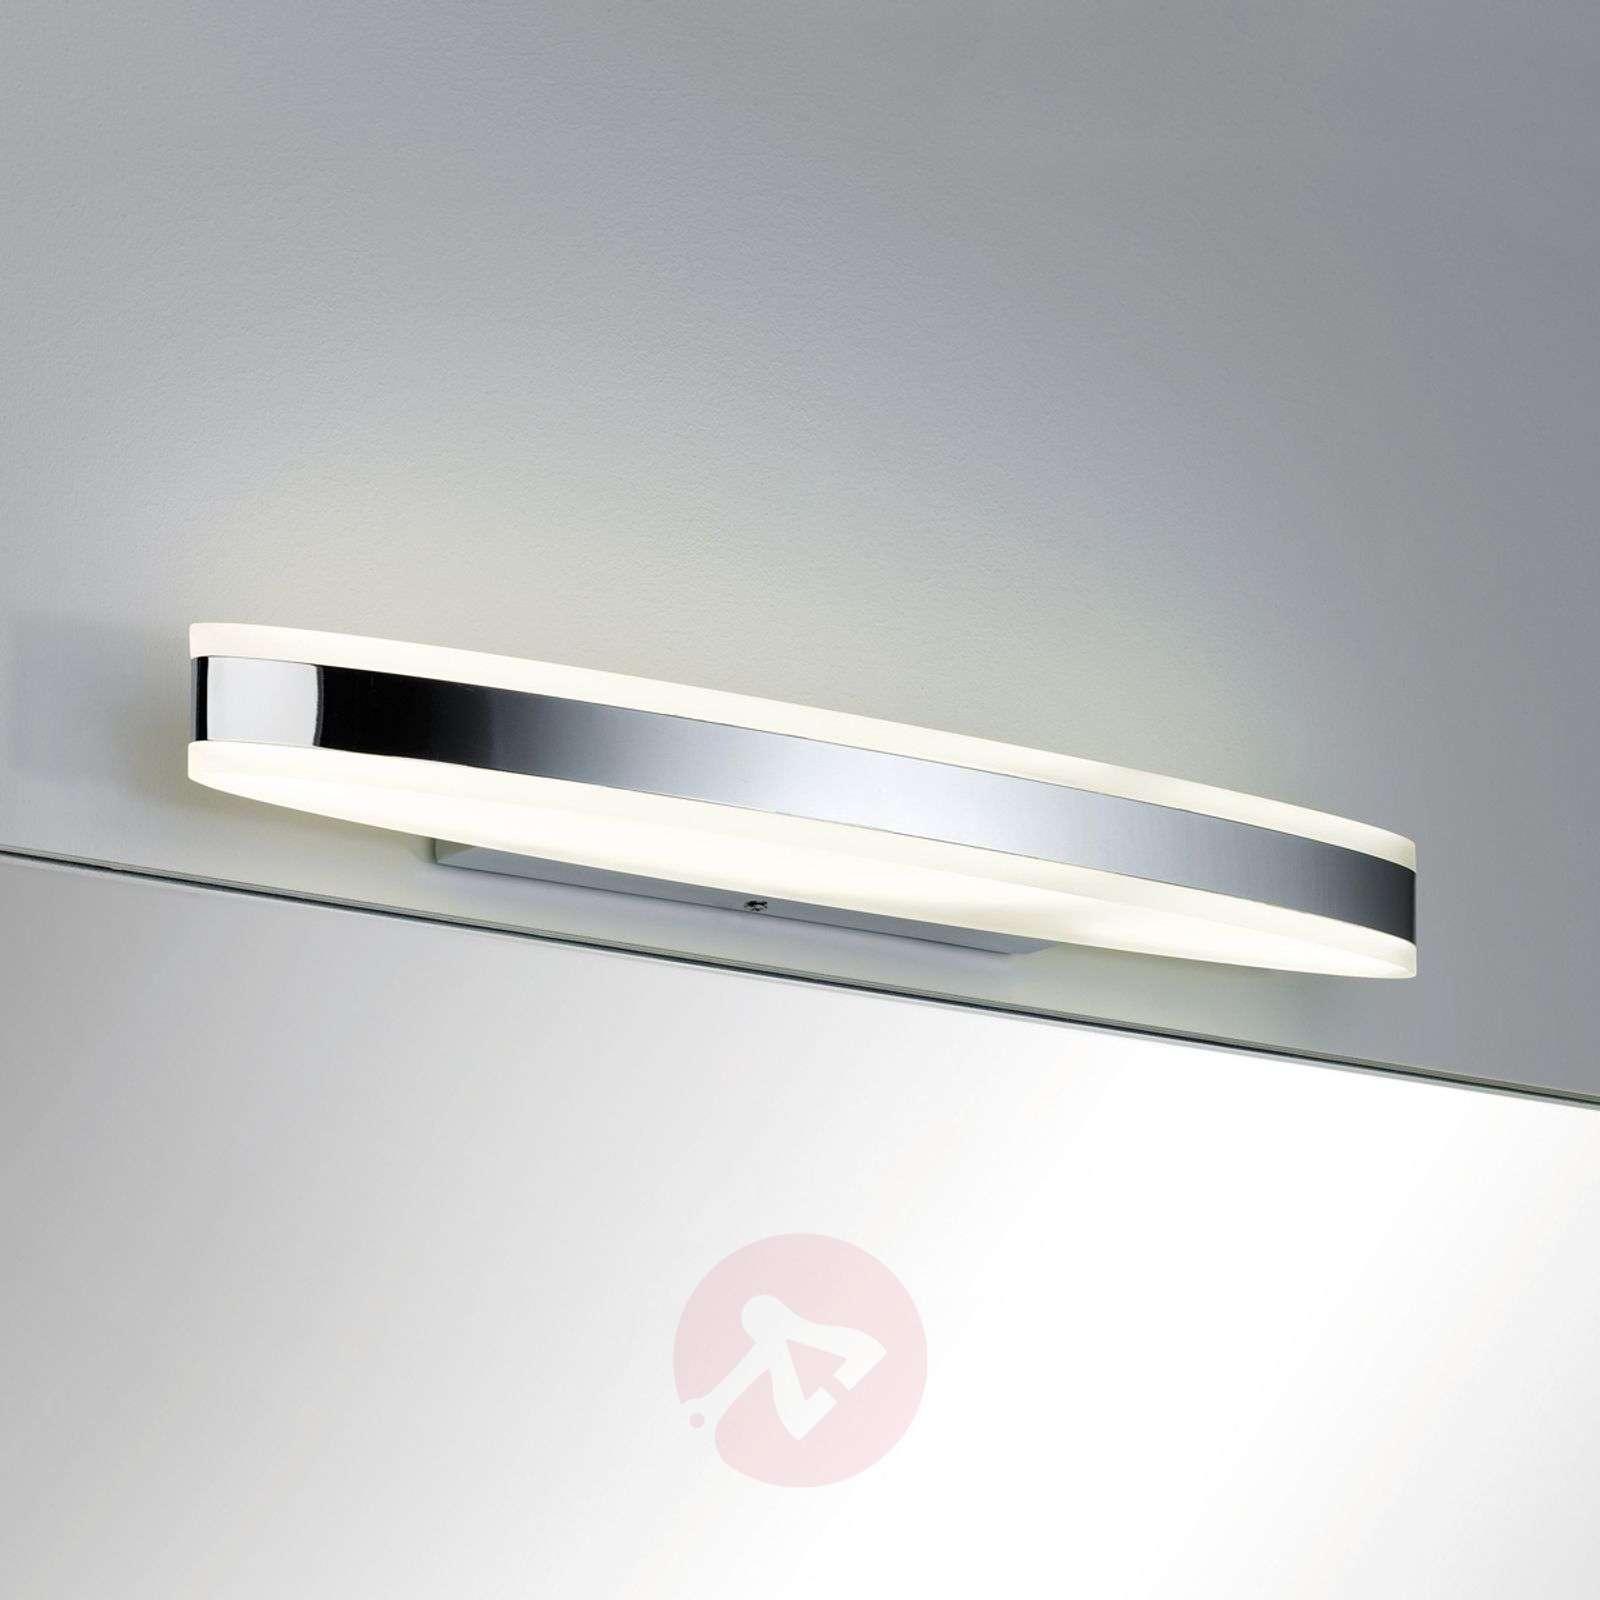 Pitkänomainen Kuma-LED-seinävalaisin-7600673-01